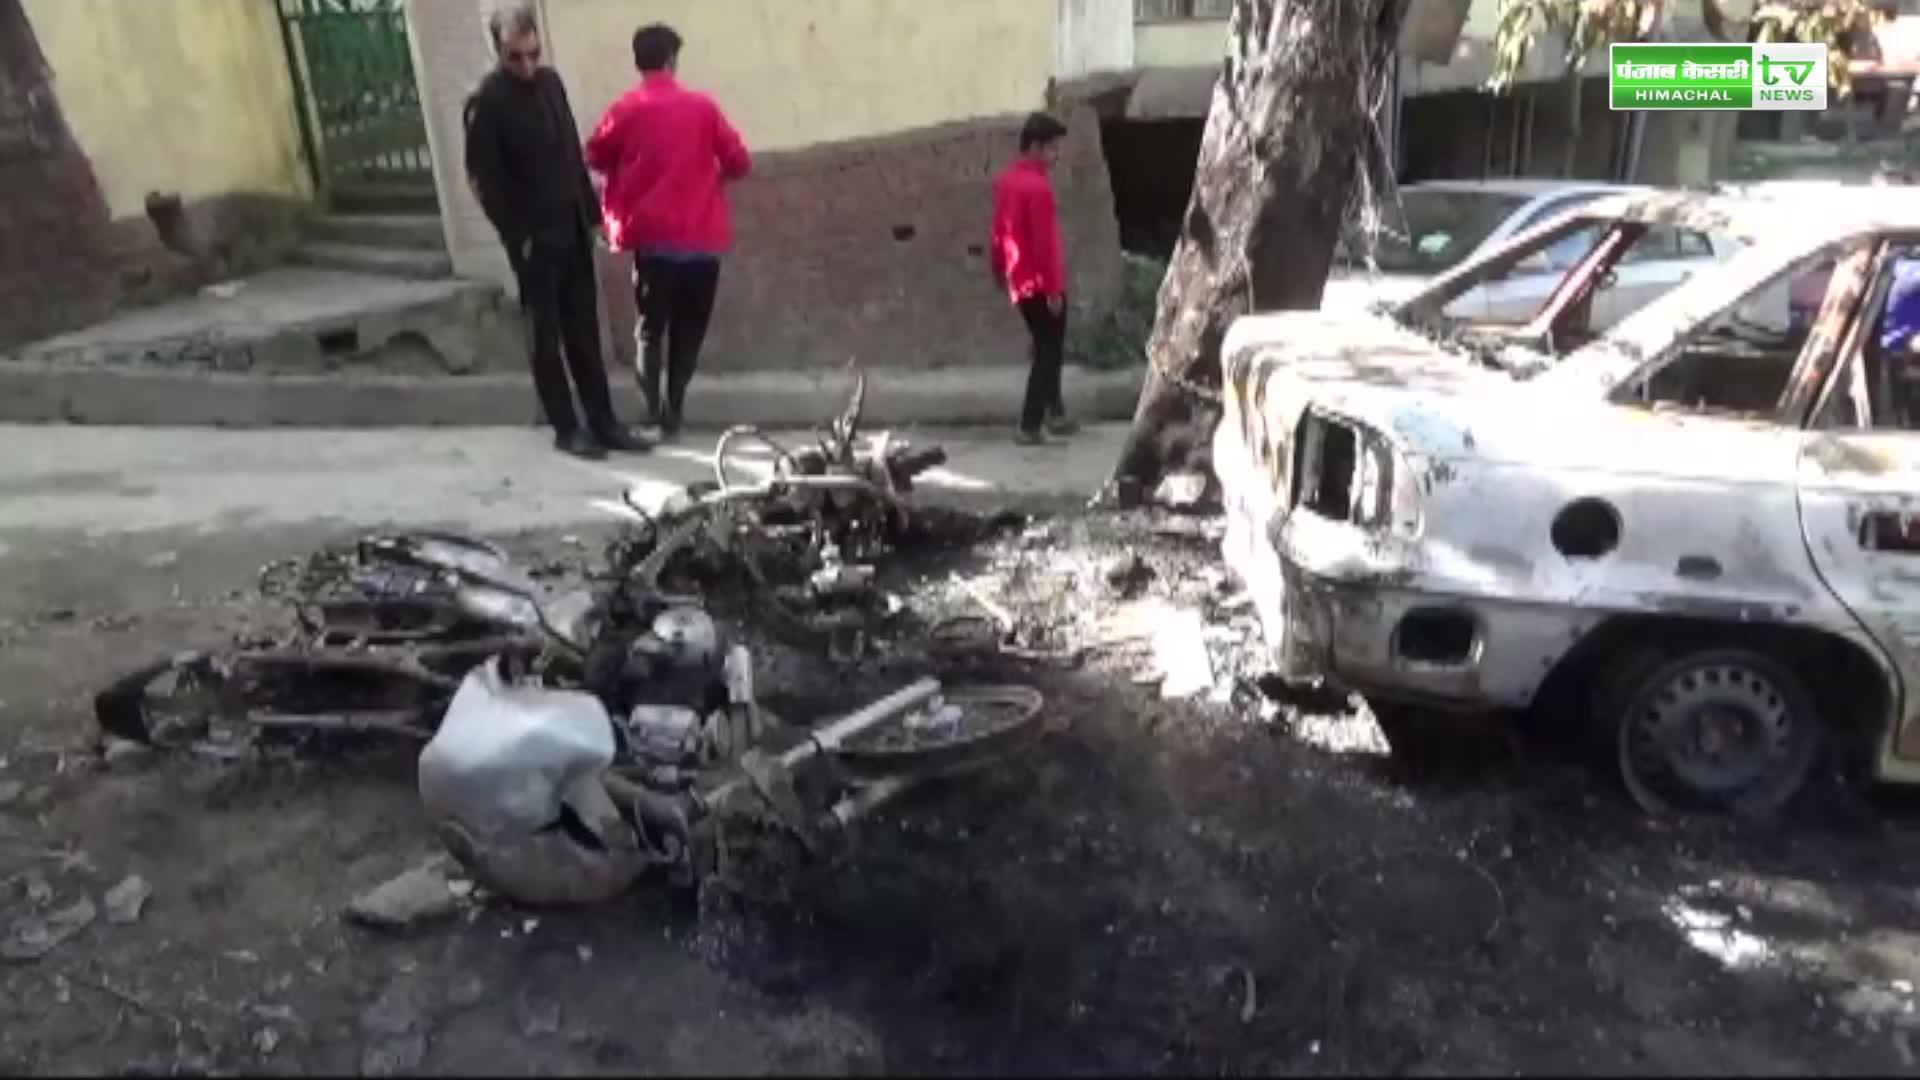 Image of कूड़े में लगाई आग और जल गई 5 गाड़ियां